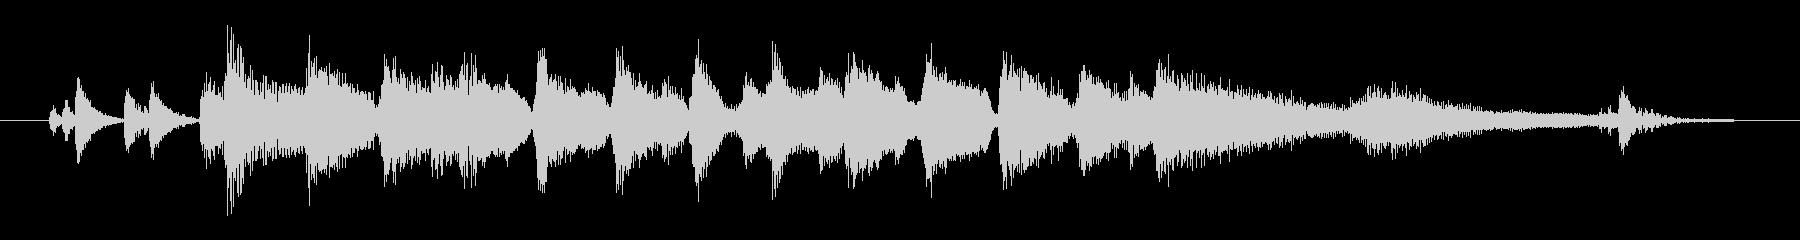 ピアノトリオによる爽やかなジングルの未再生の波形